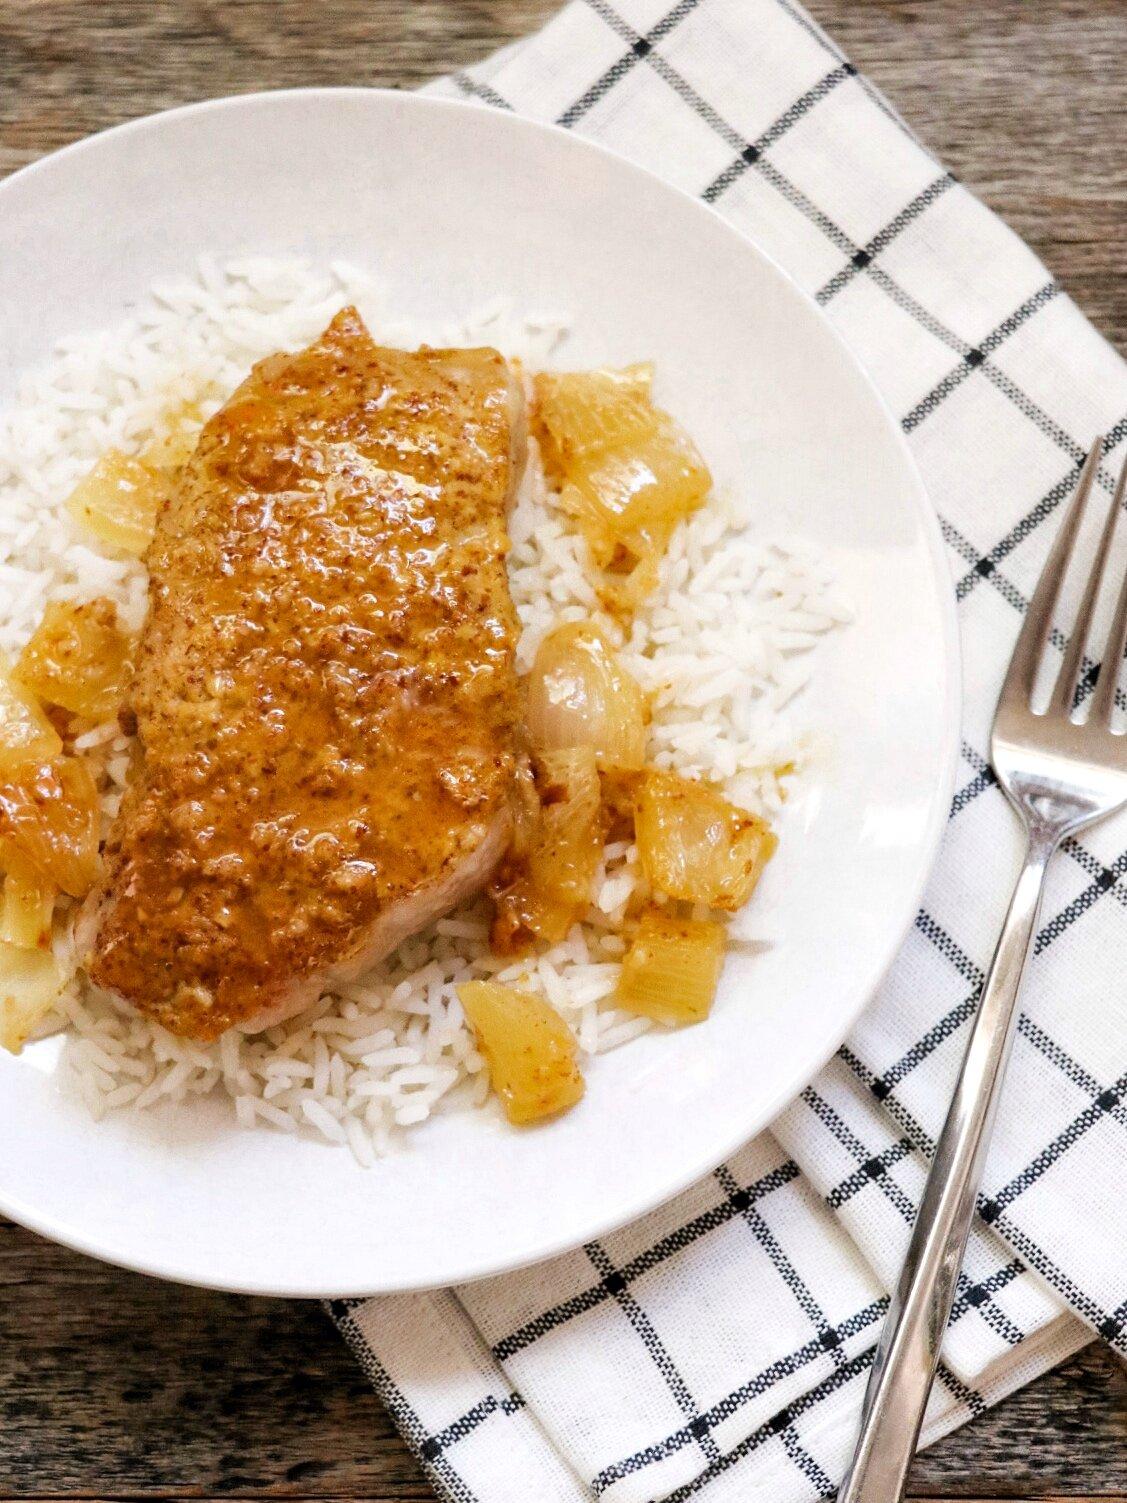 easy baked pork chops recipe